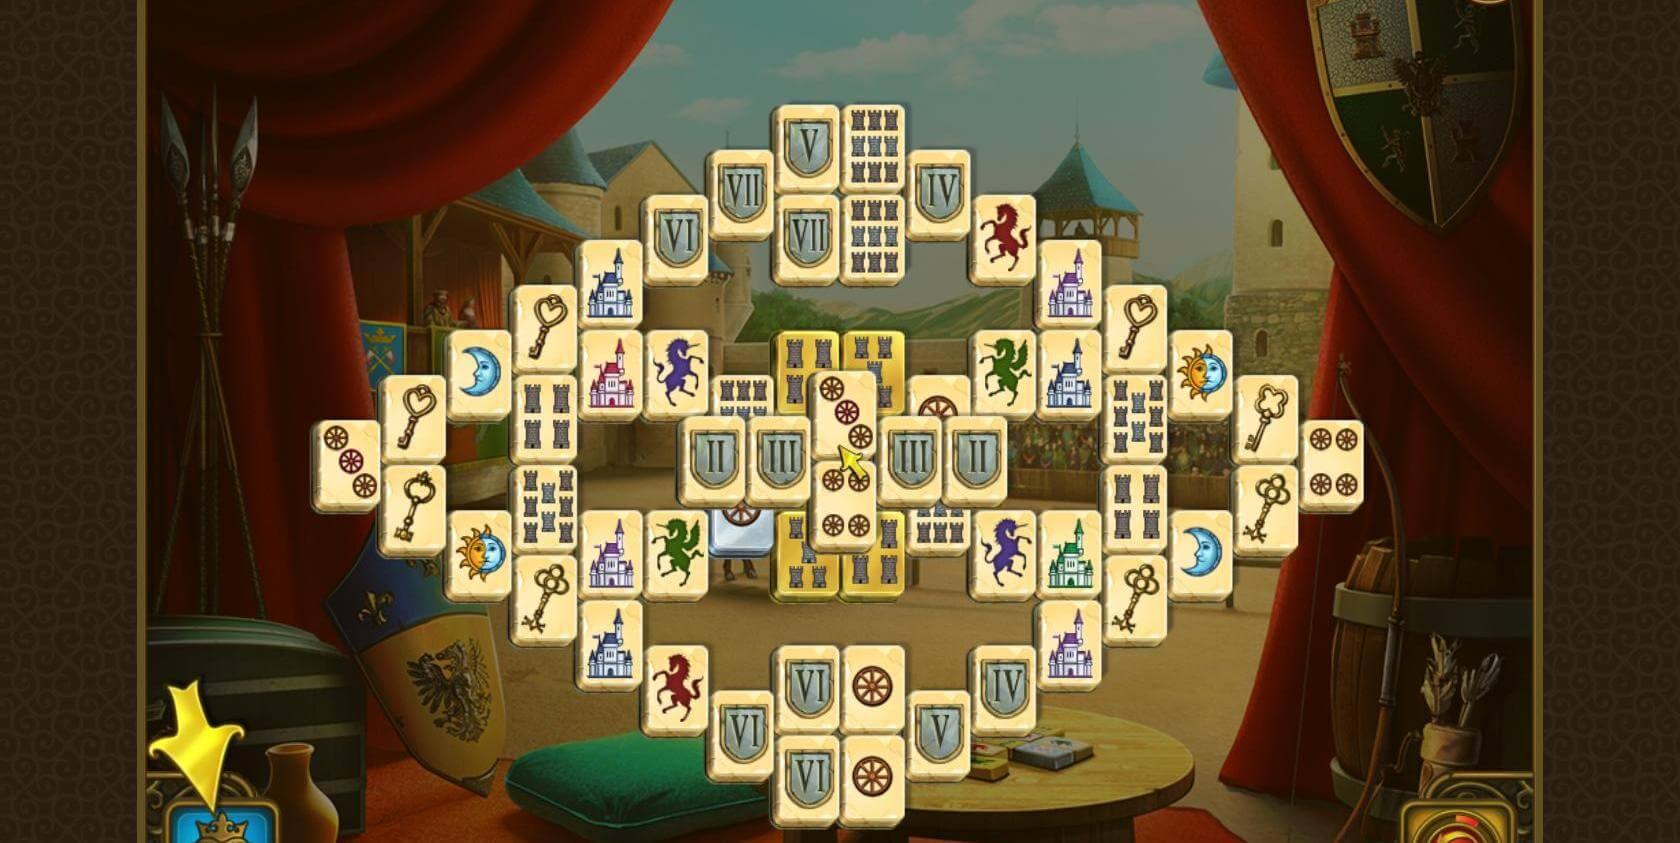 играть маджонг бесплатно онлайн во весь экран